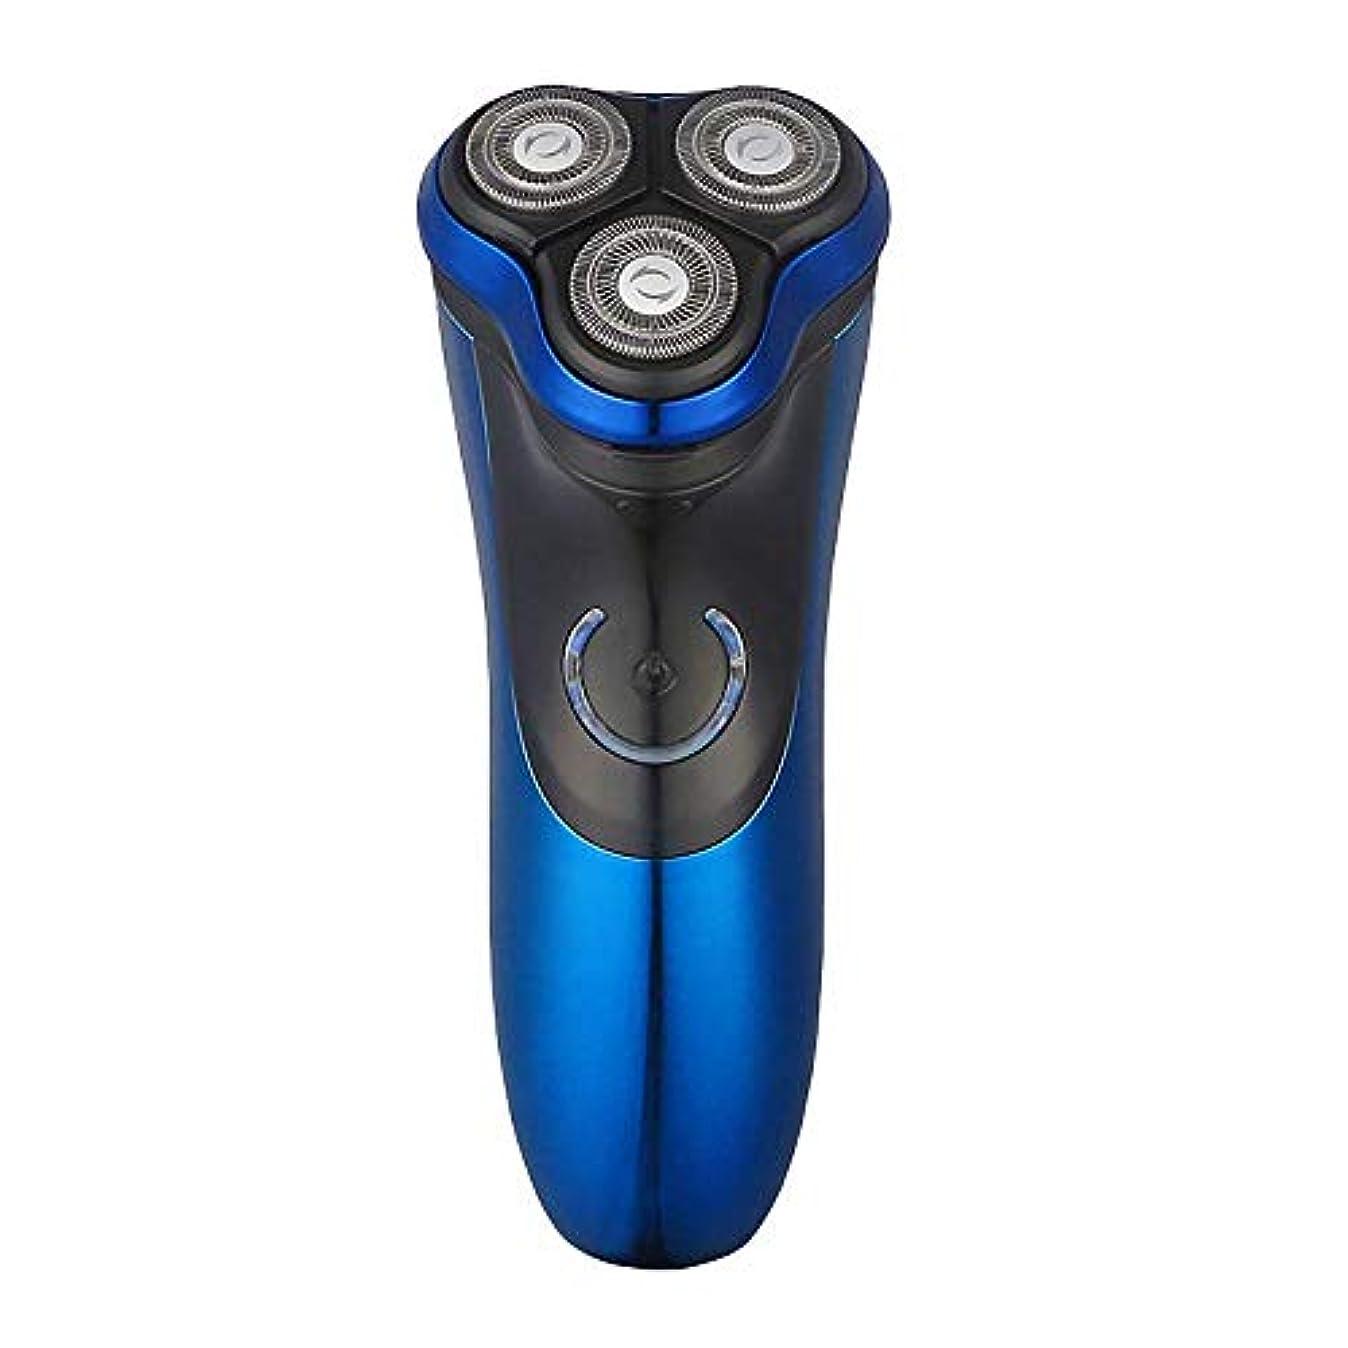 名前有限葉巻メンズロータリーシェーバーポップアップトリマー付き電気シェービングカミソリ3Dフローティングヘッドワイヤレス使用男性用シェービングマシン防水コードレス充電式